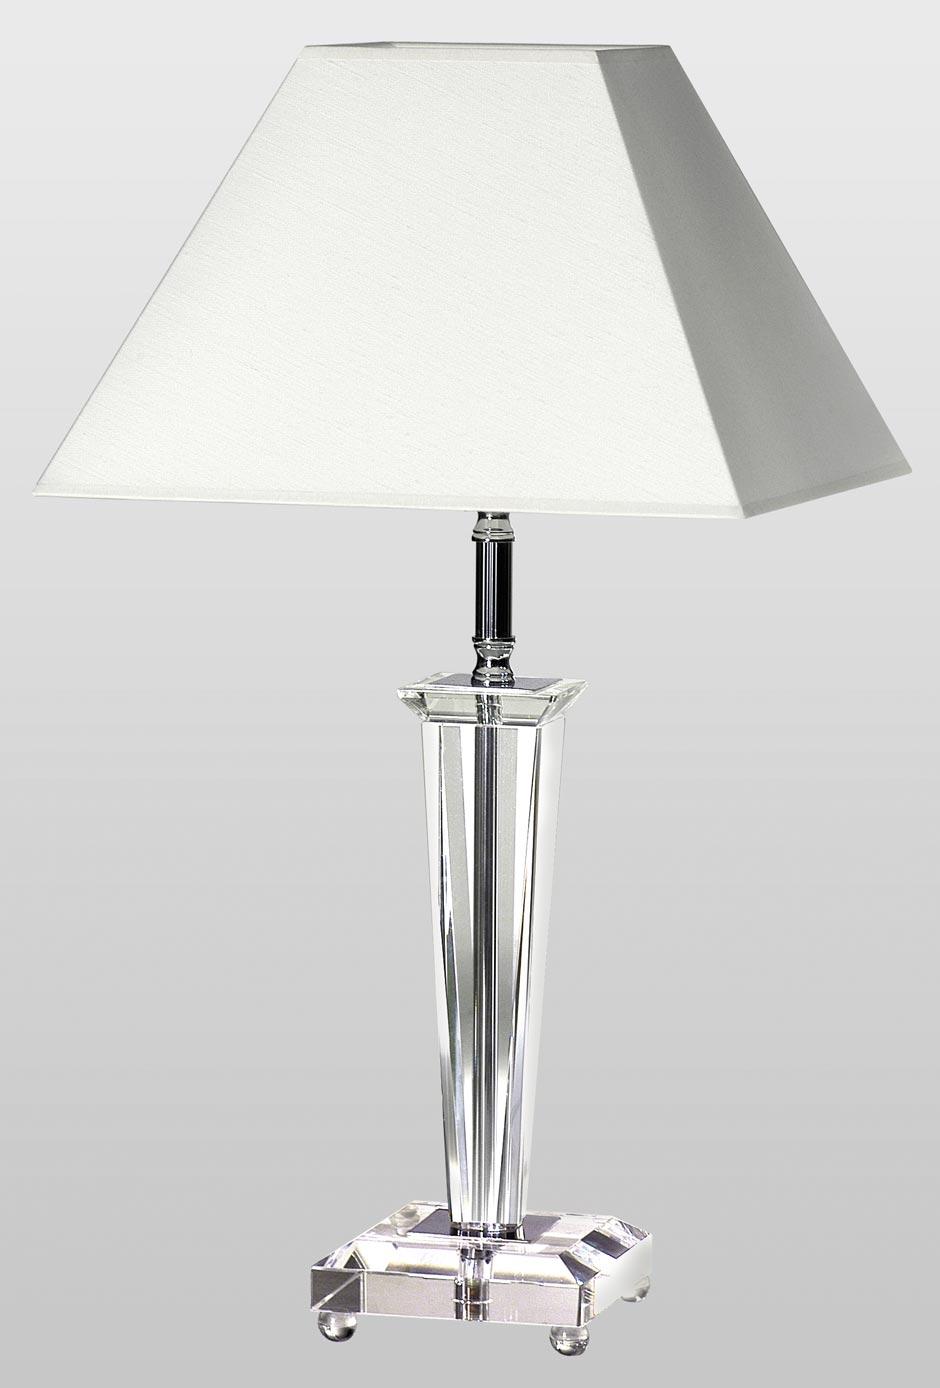 Viana TS lampe de table avec abat-jour blanc. Le Dauphin.